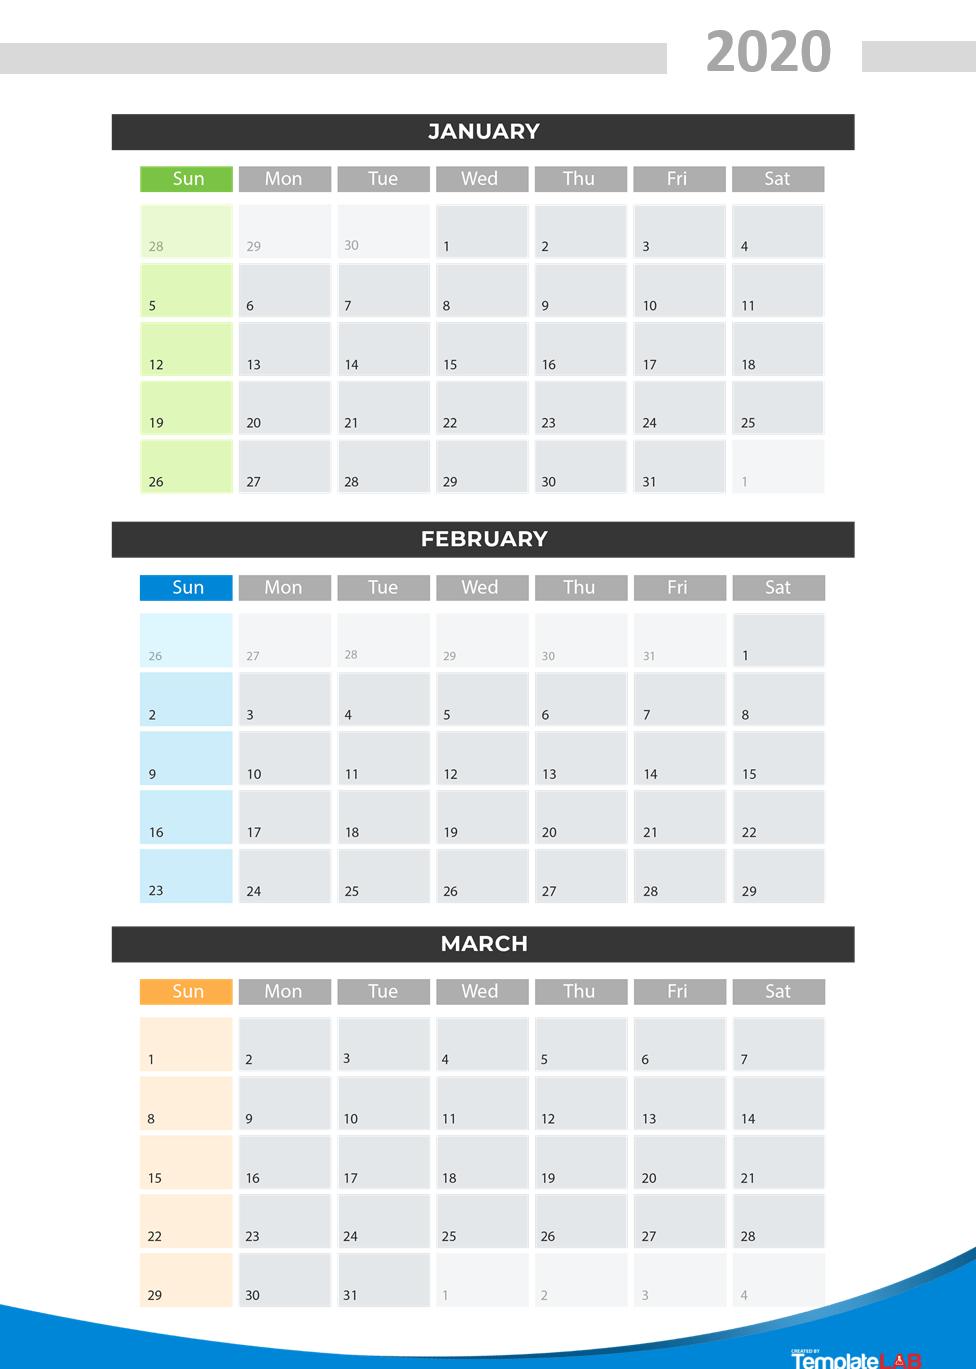 Free 2020 Quarterly Calendar v2